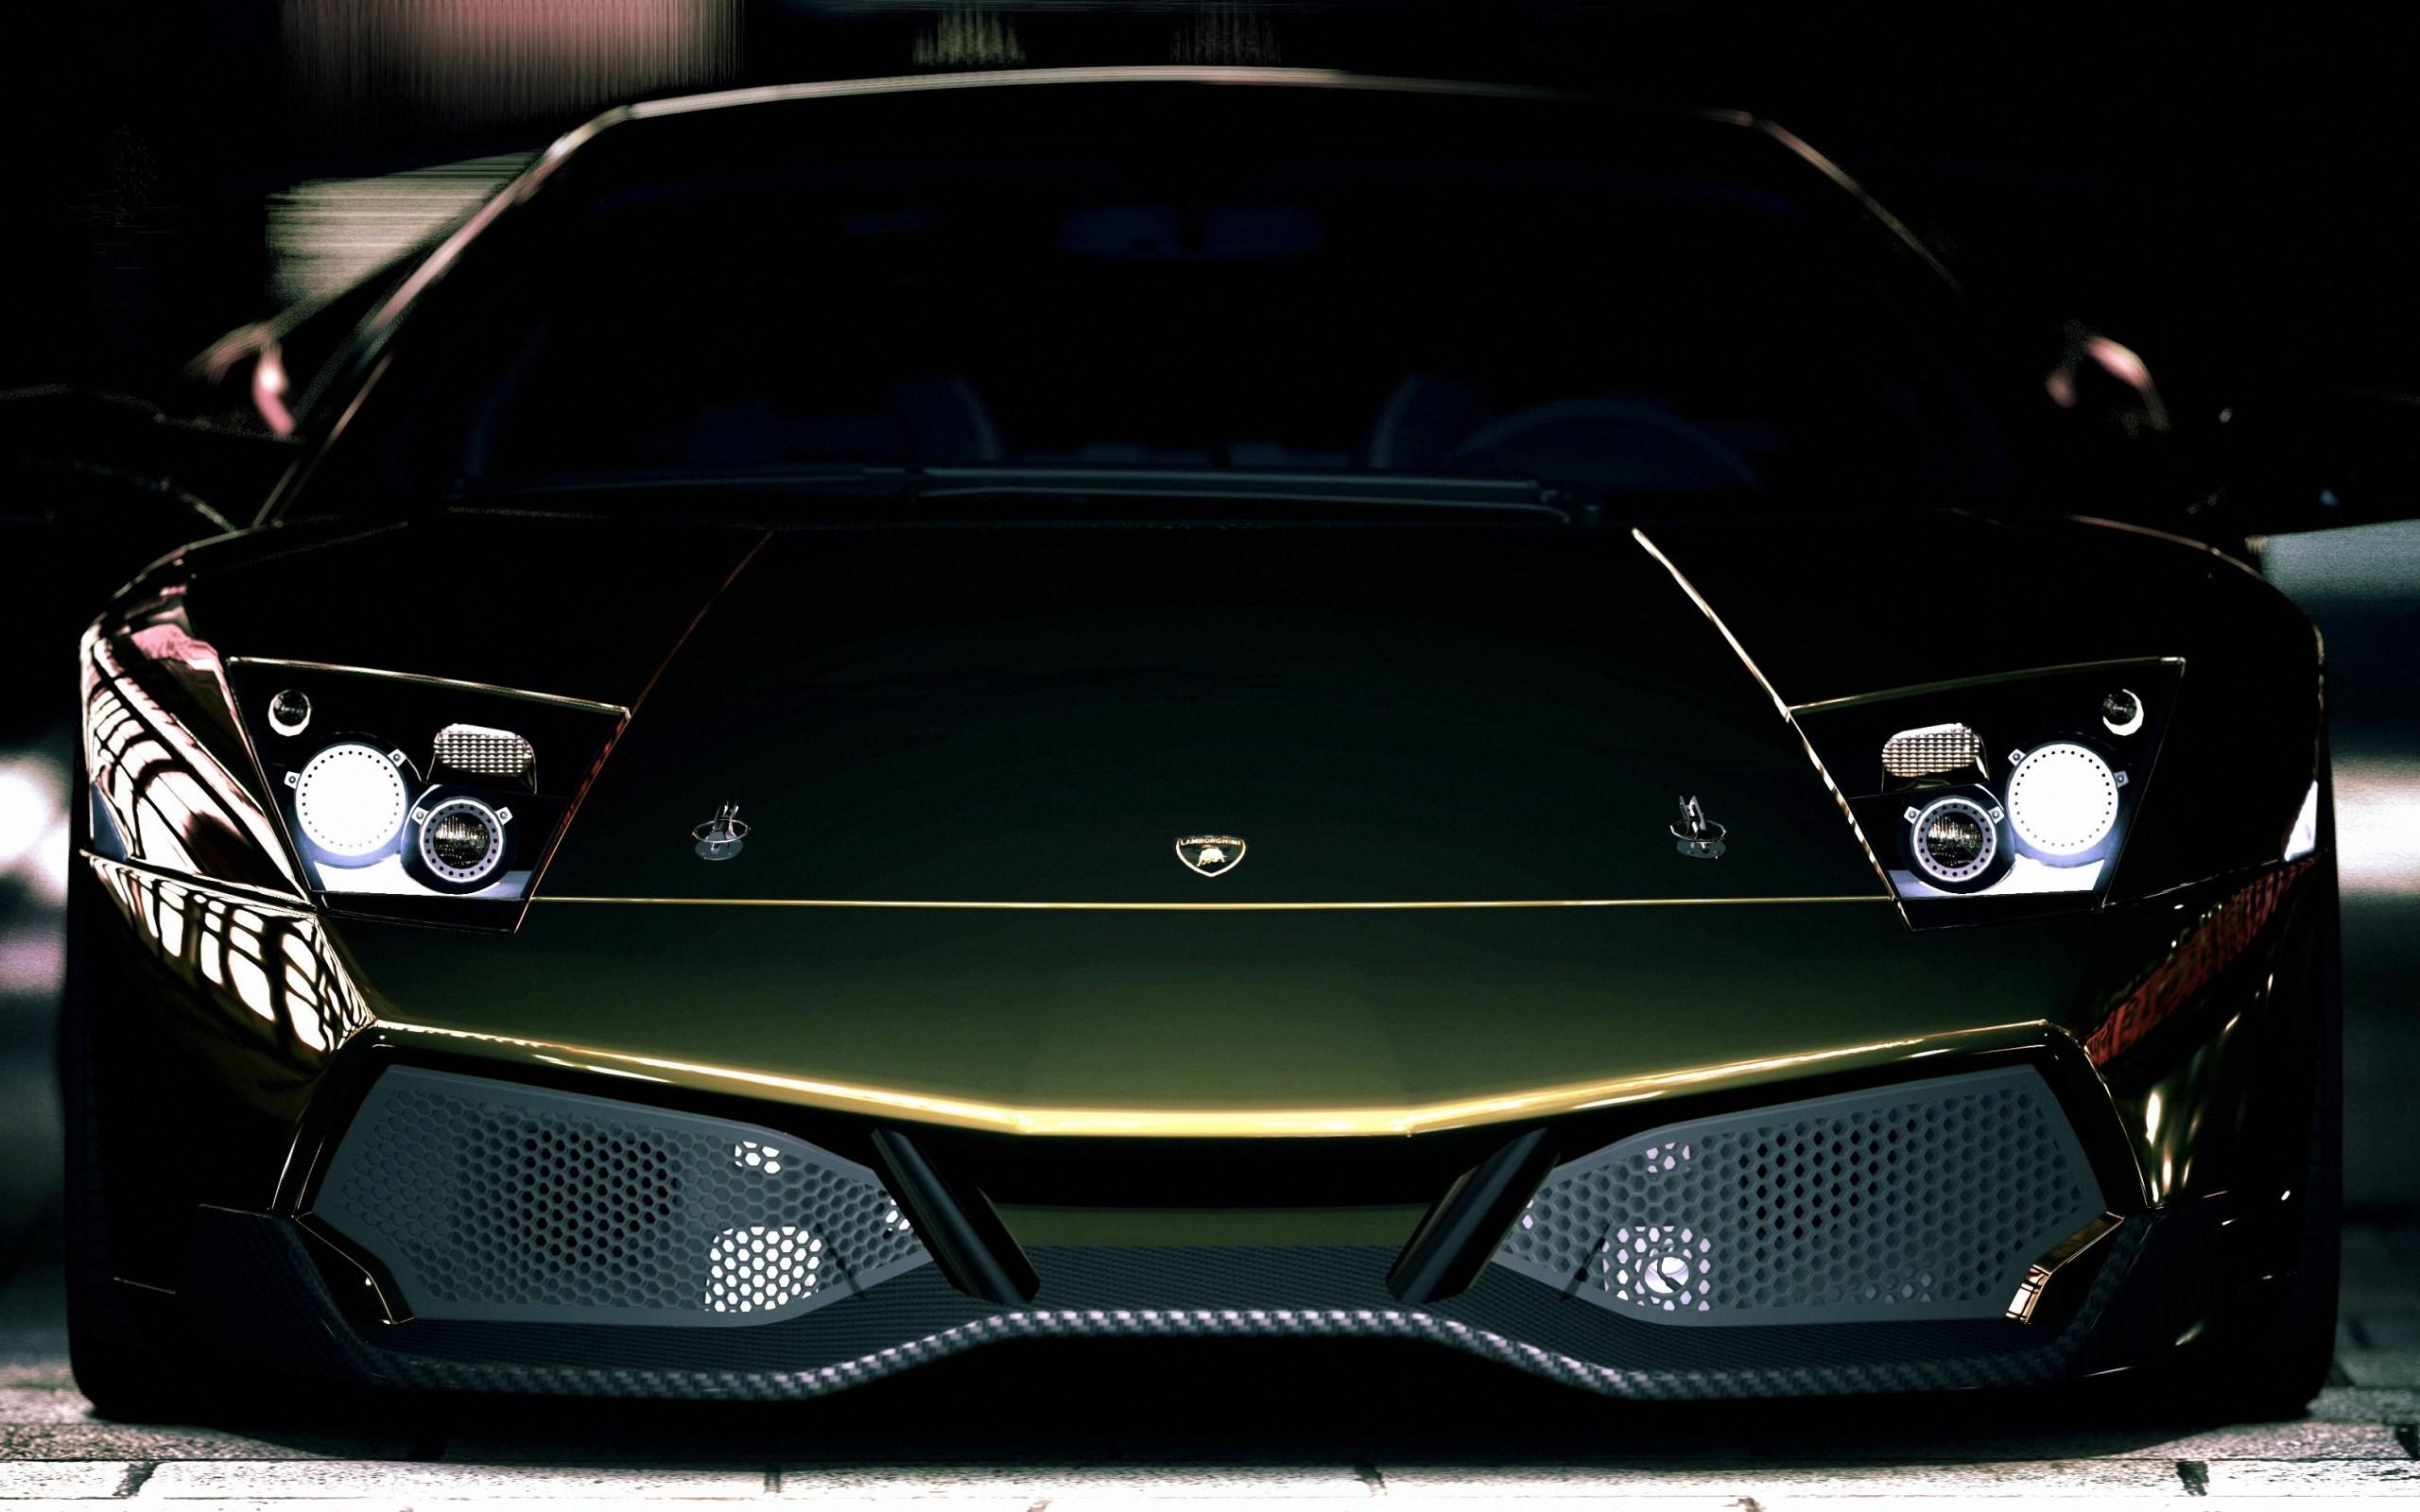 Lamborghini Desktop Backgrounds 67 Images